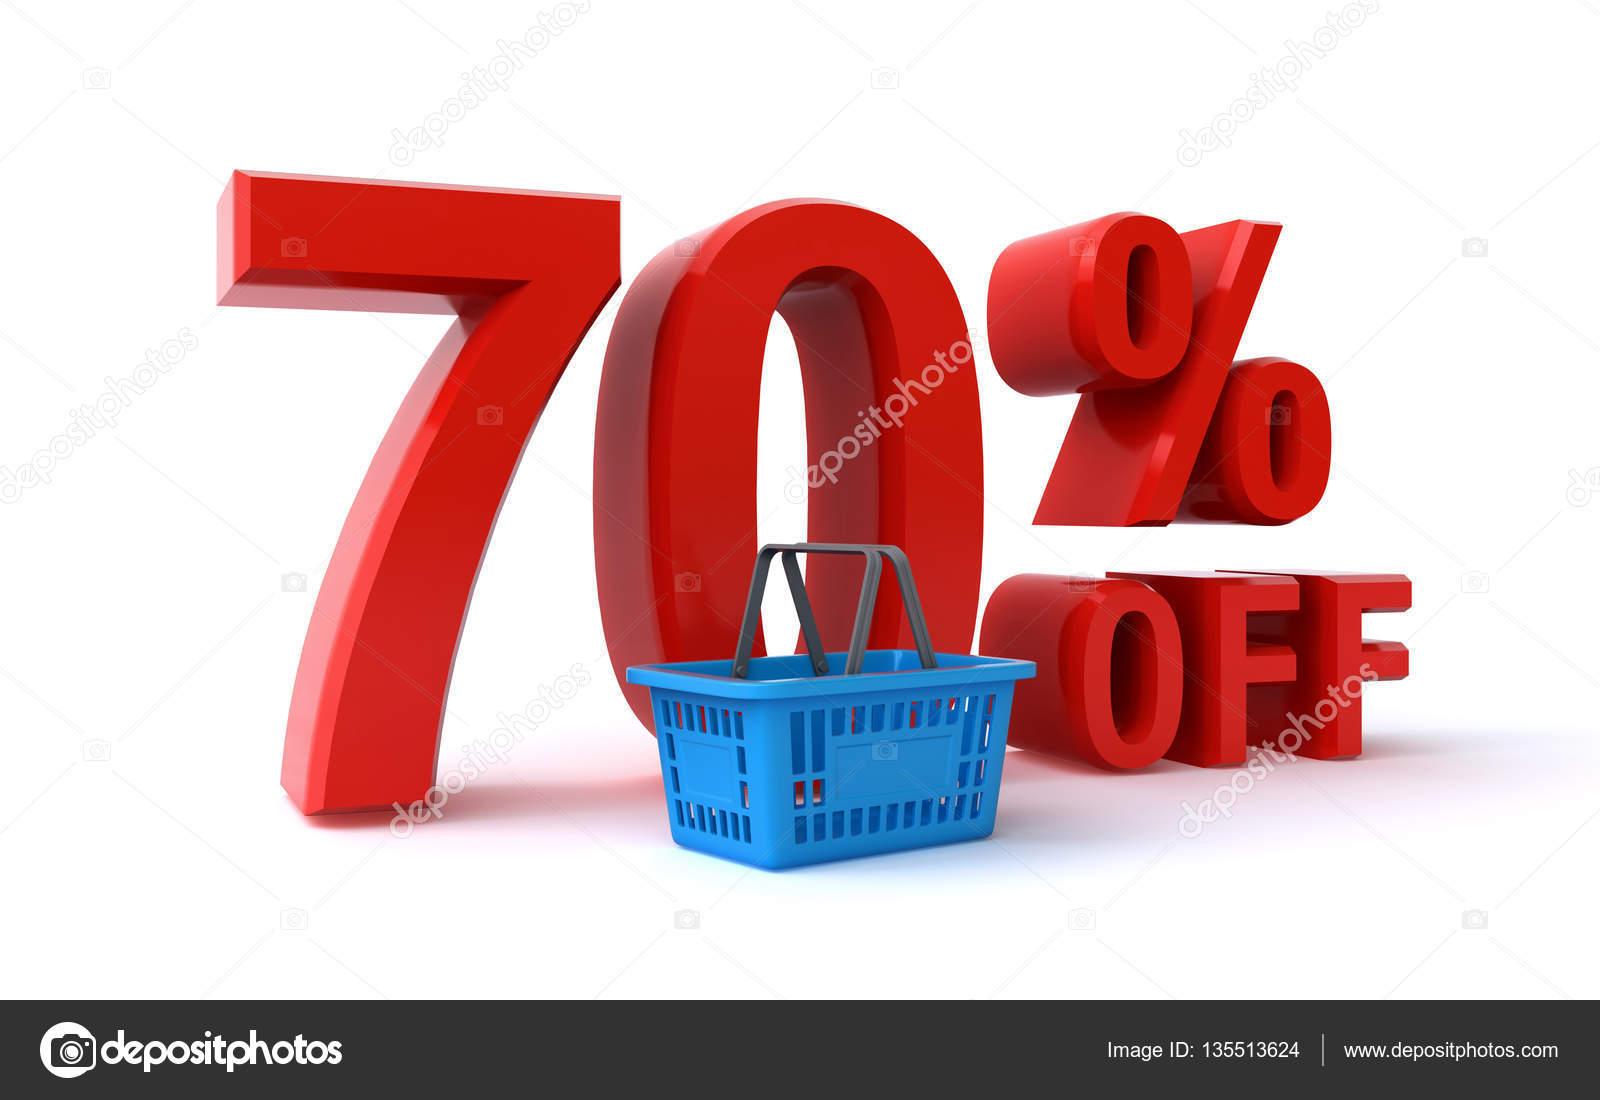 беспроцентный займ экономия на процентах